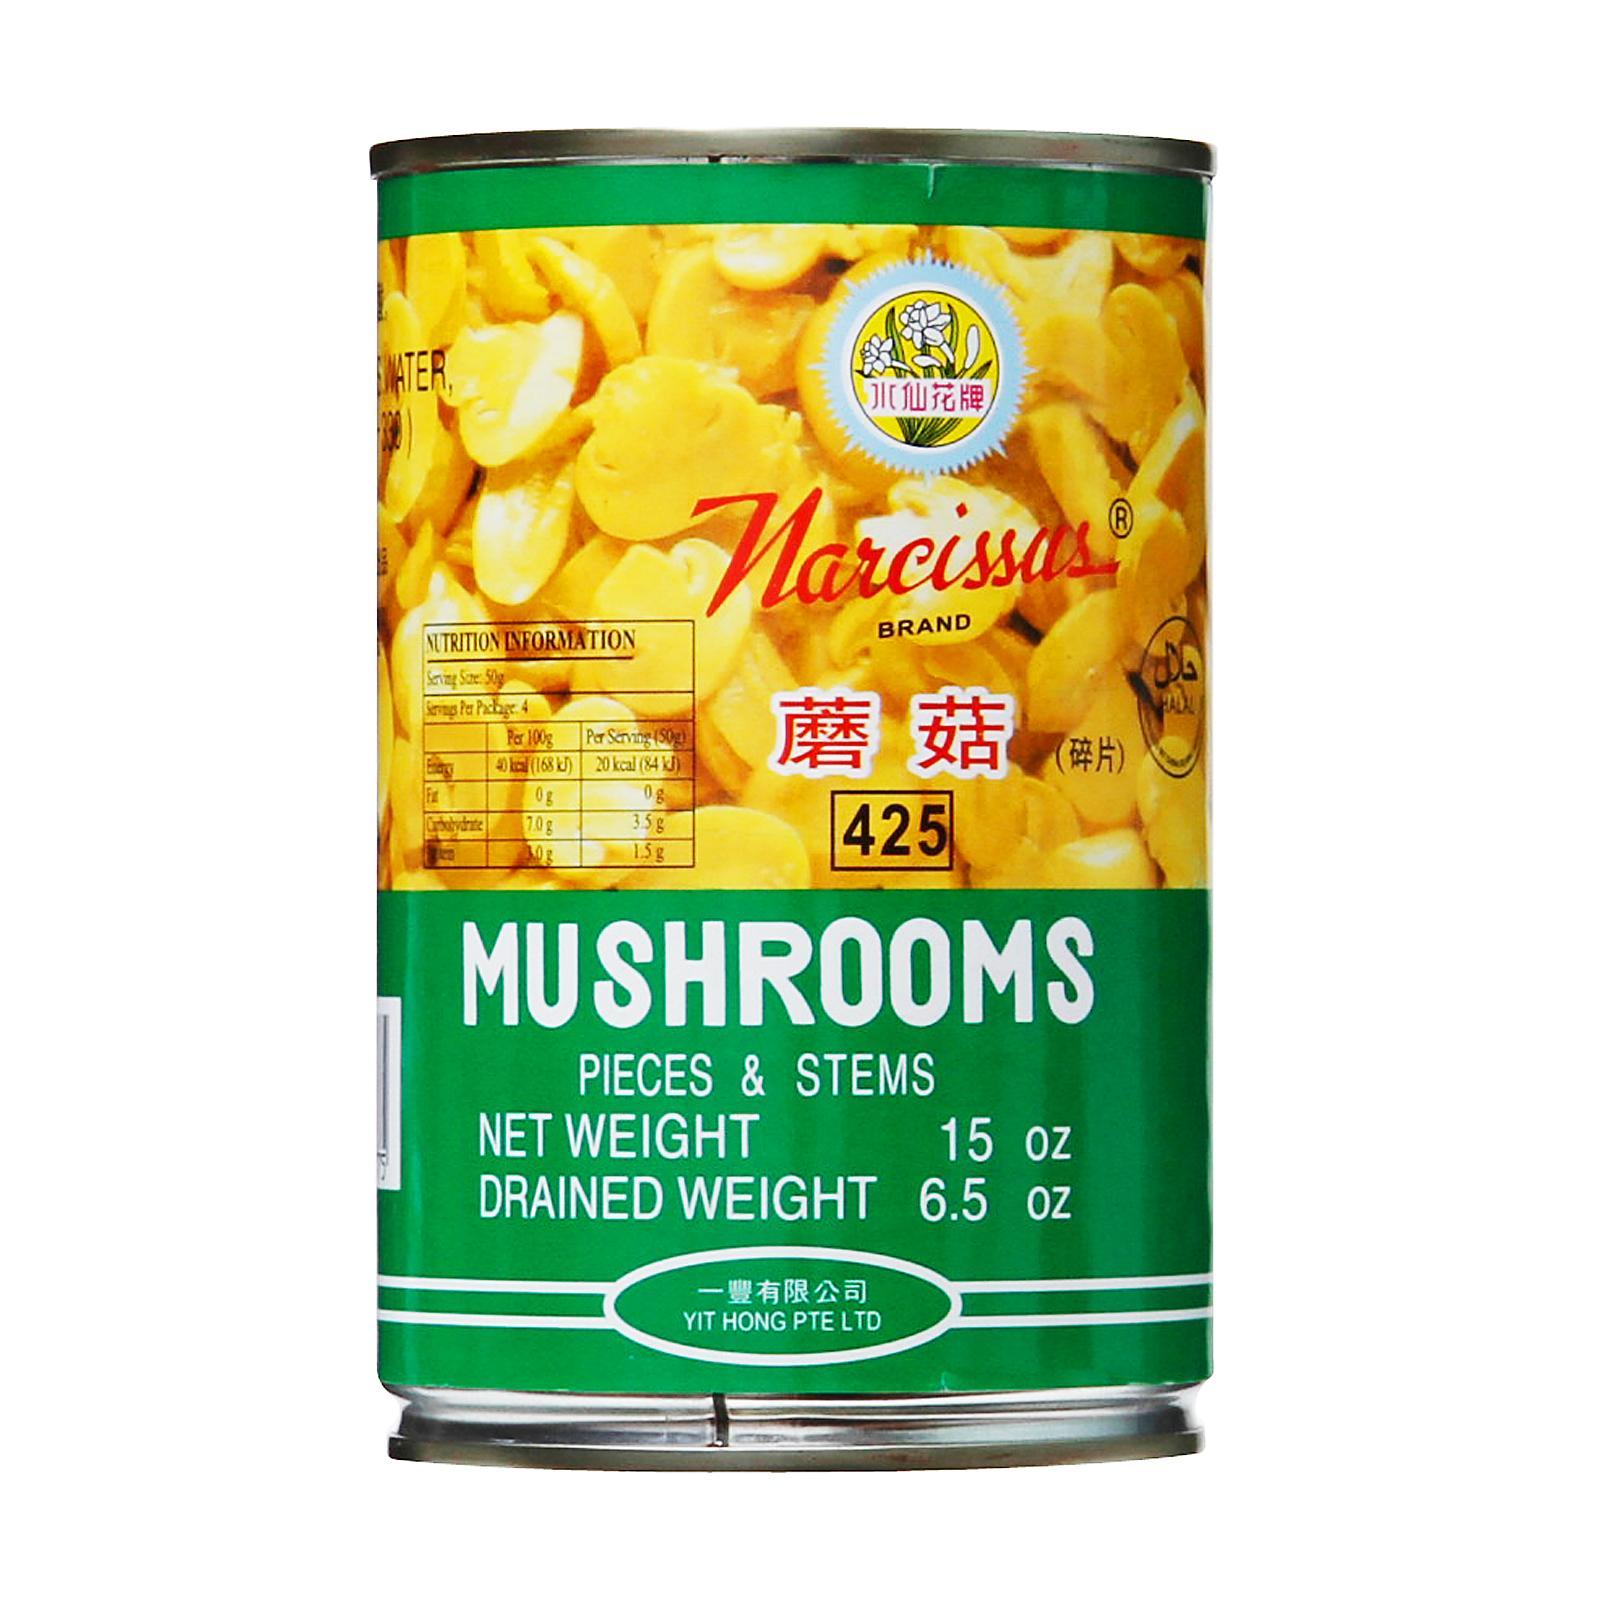 NARCISSUS Mushrooms Pieces & Stem 425g (#)